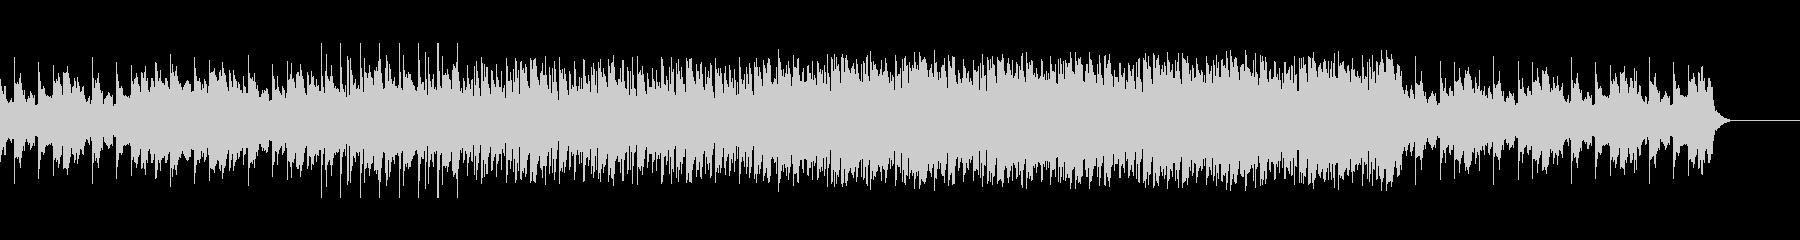 神秘的なシンセサイザーBGMの未再生の波形